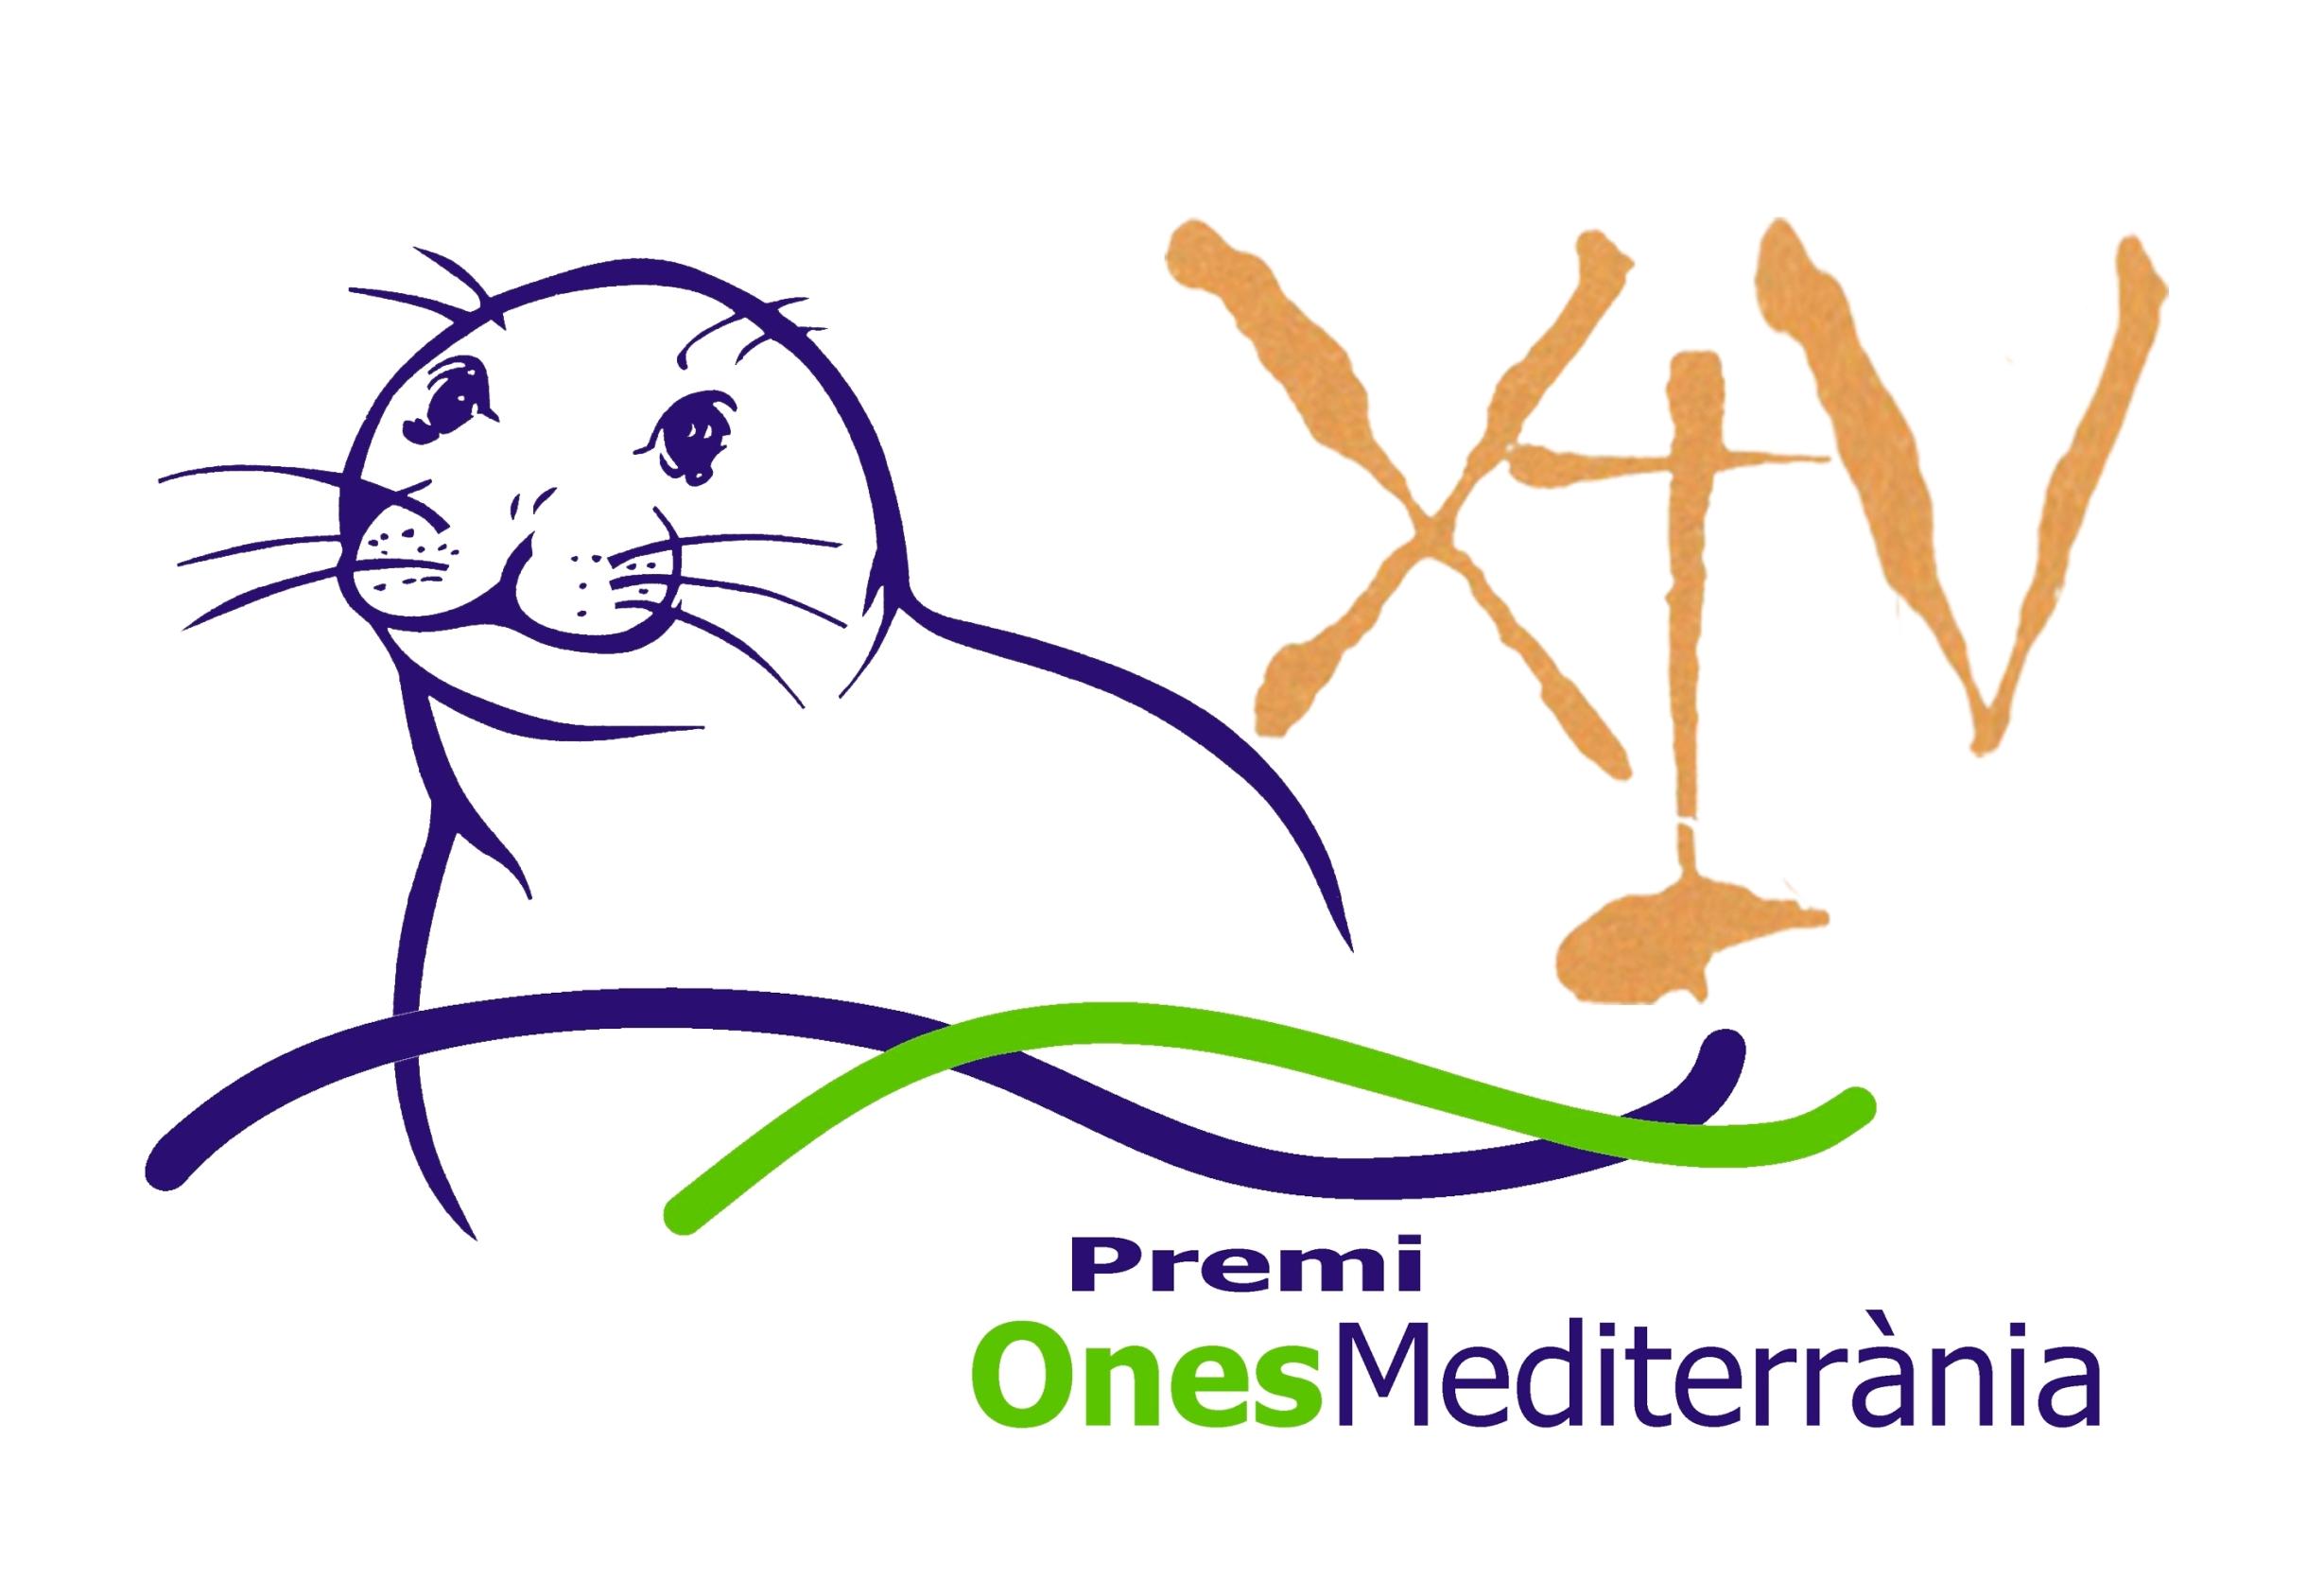 logo-xiv1.jpg